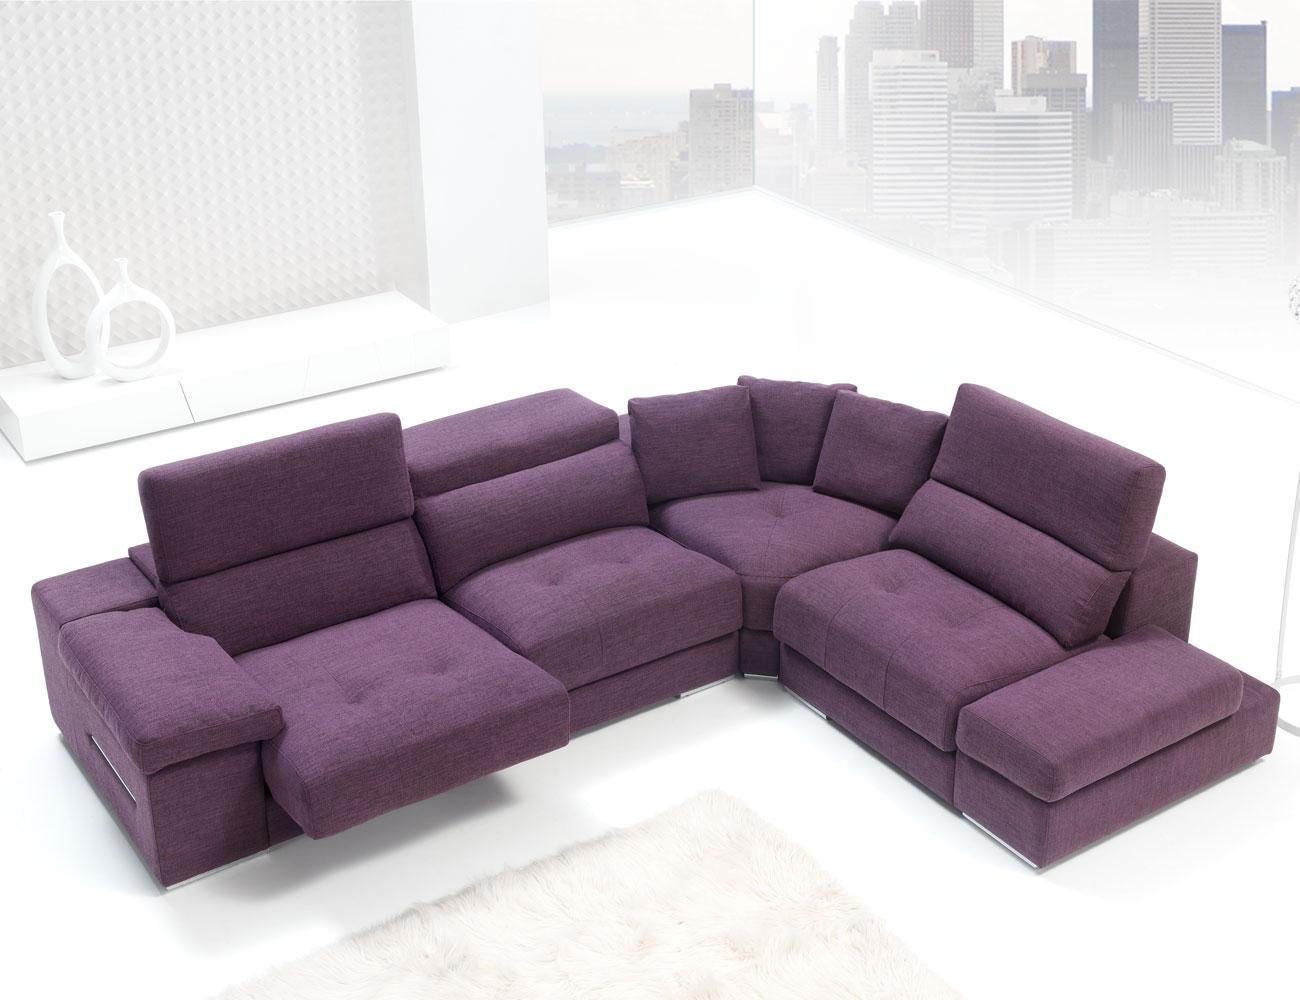 Sofa chaiselongue rincon con brazo mecanico tejido anti manchas 267